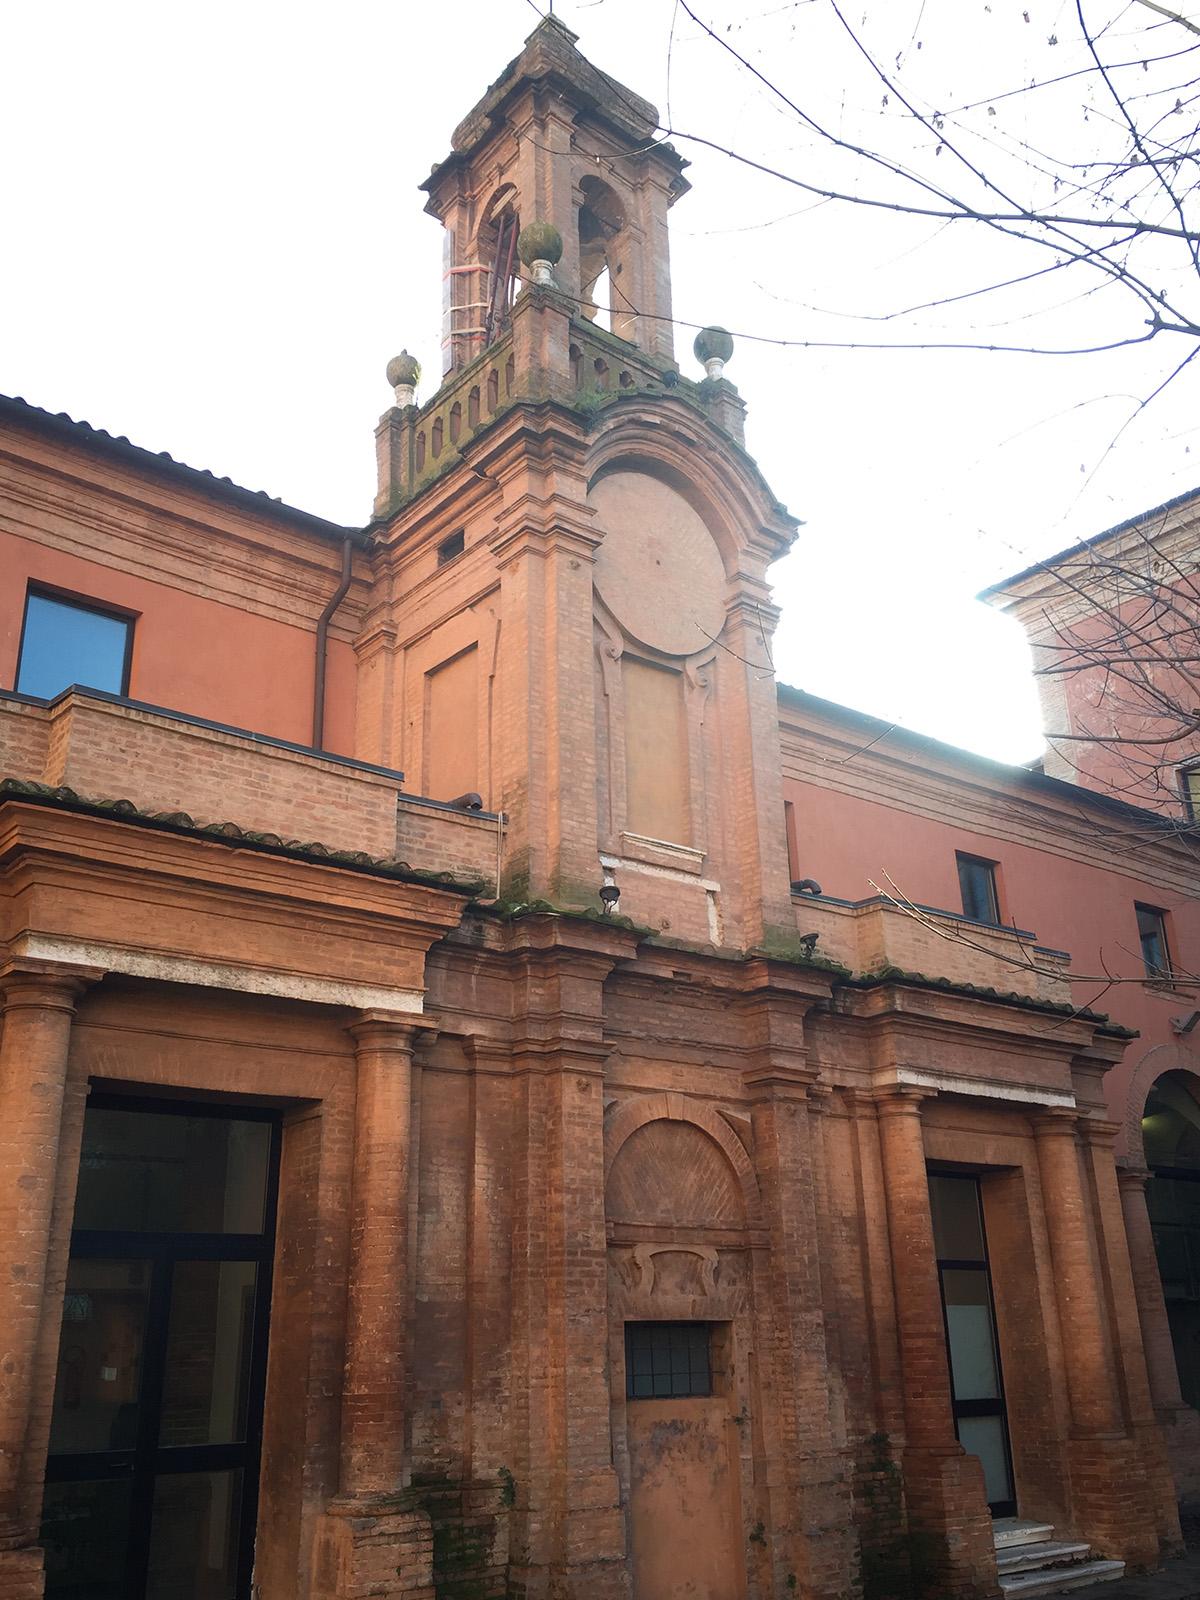 Perico-Renato-Ferrara - Palazzo della Procura - Adeguamento sismico 25